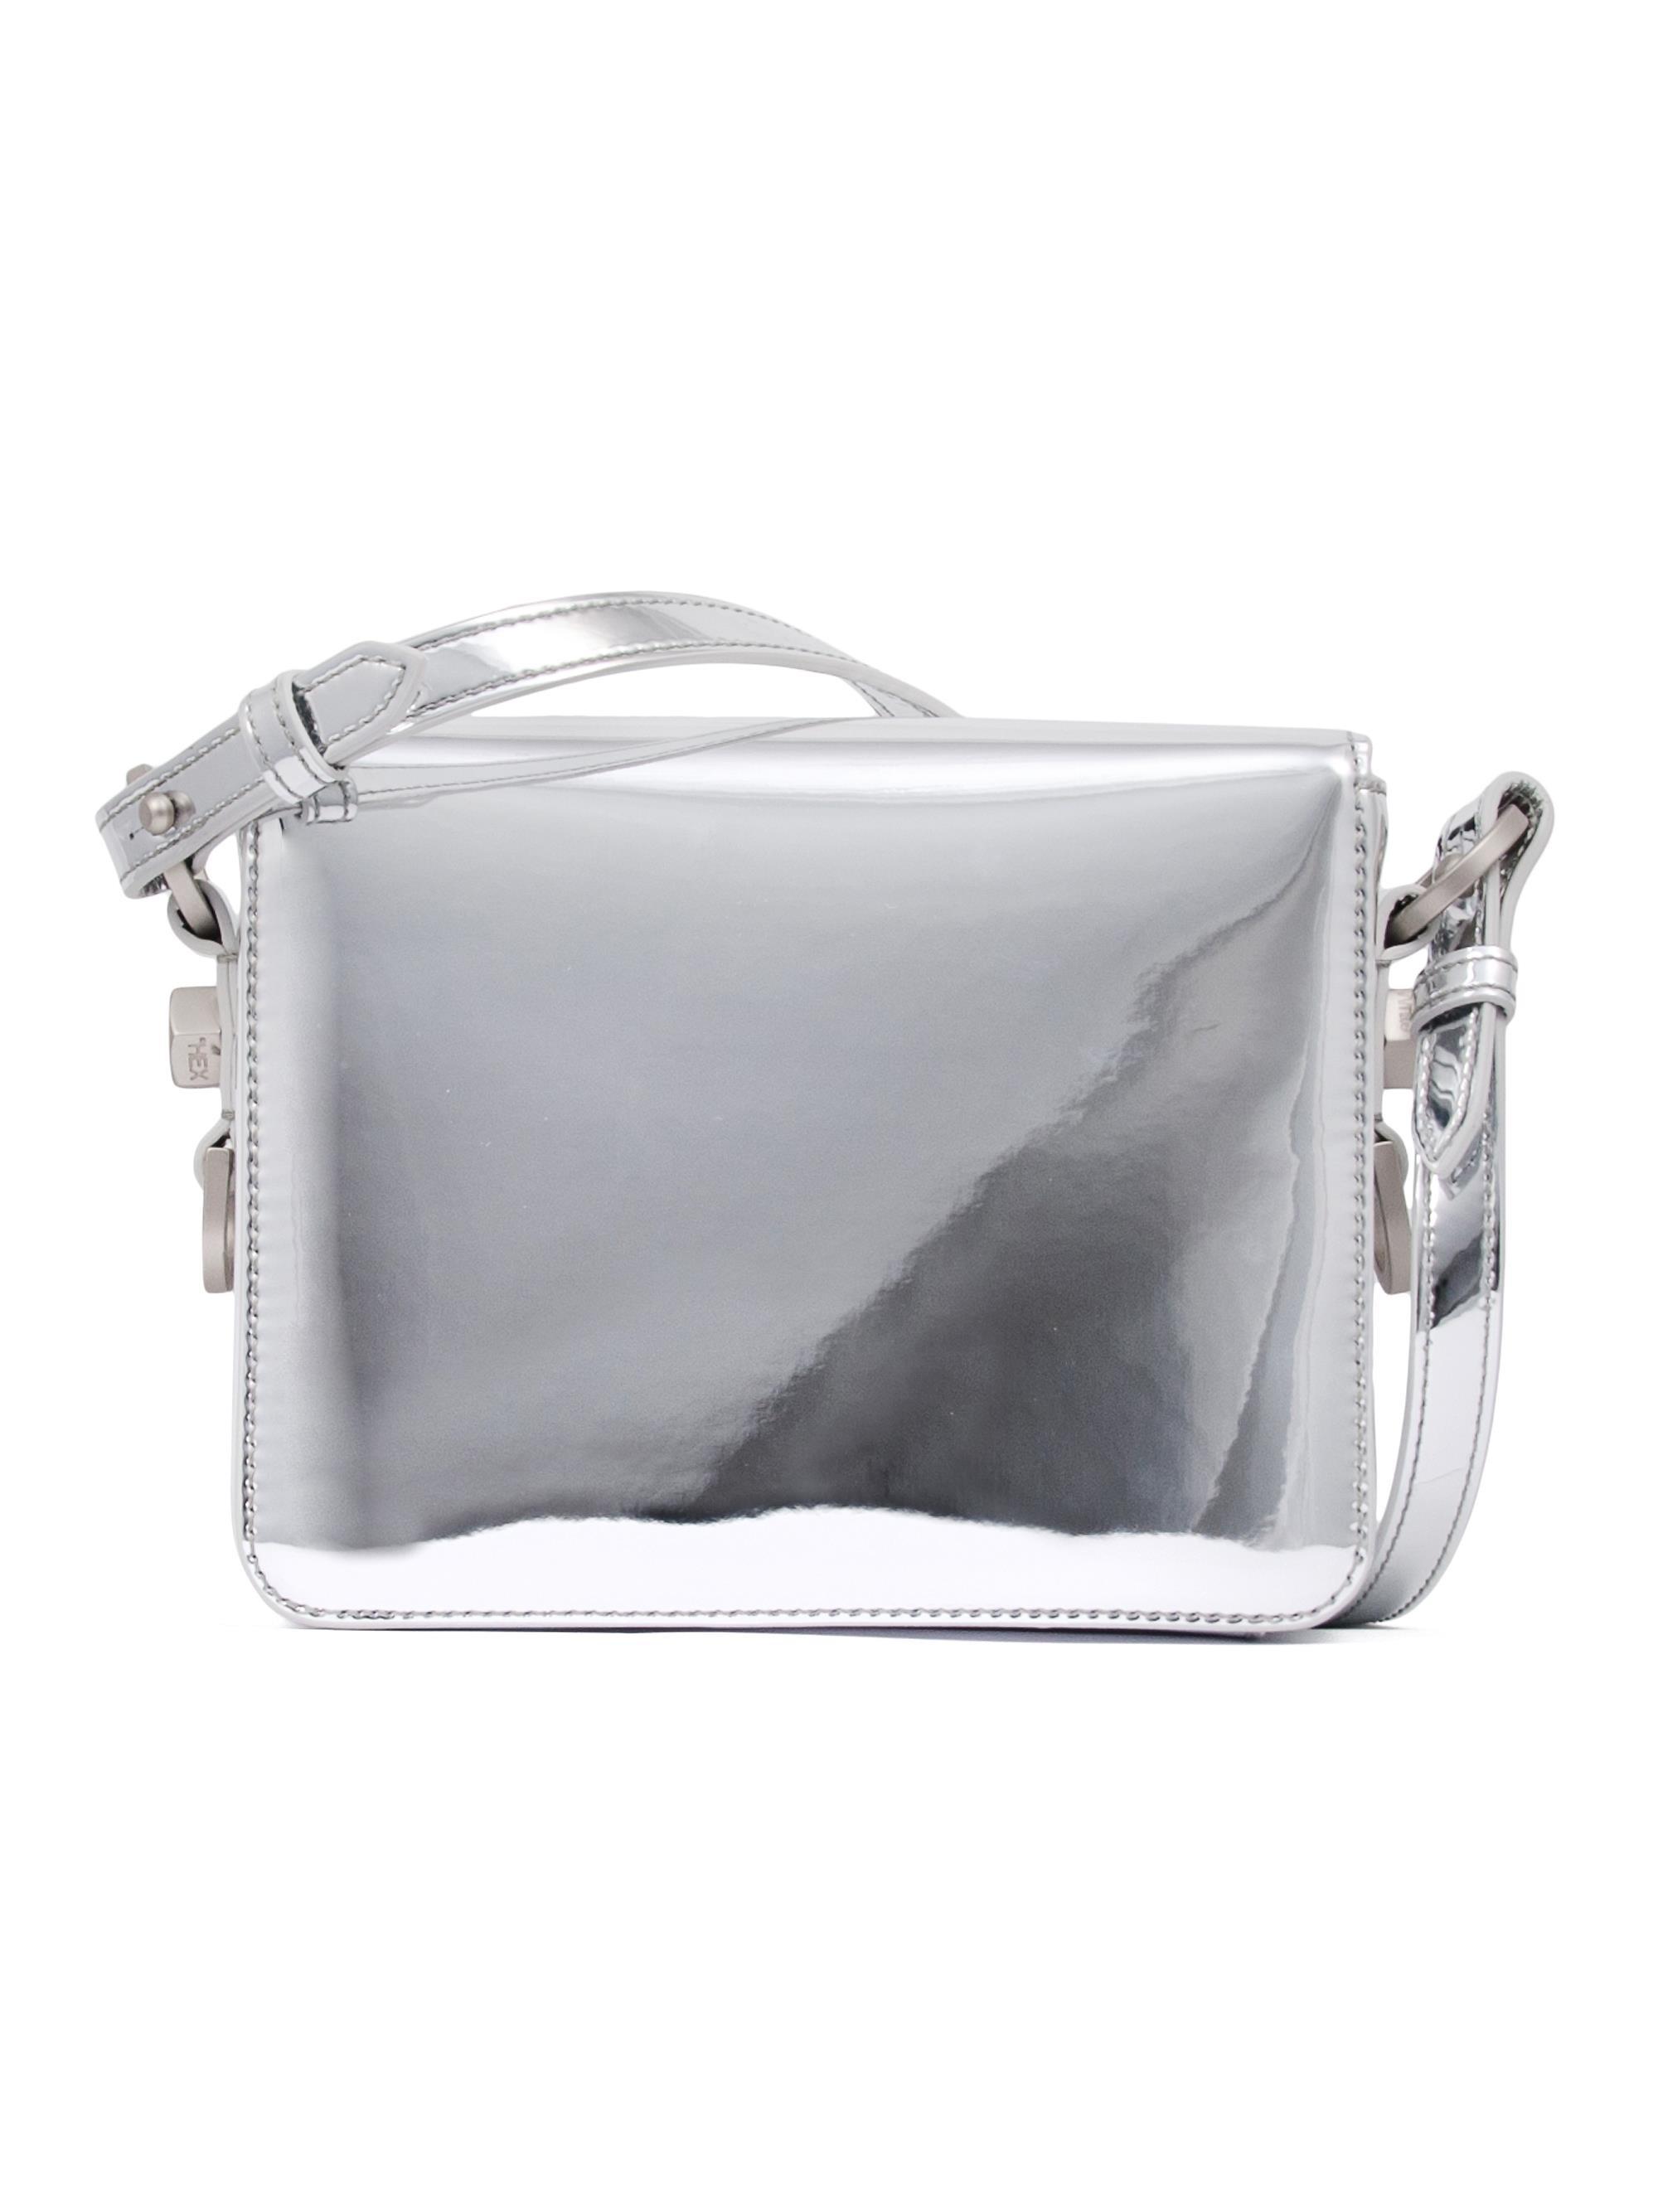 6664e5b5a84bd8 Off-White c/o Virgil Abloh Binder Clip Mirror Bag - Lyst